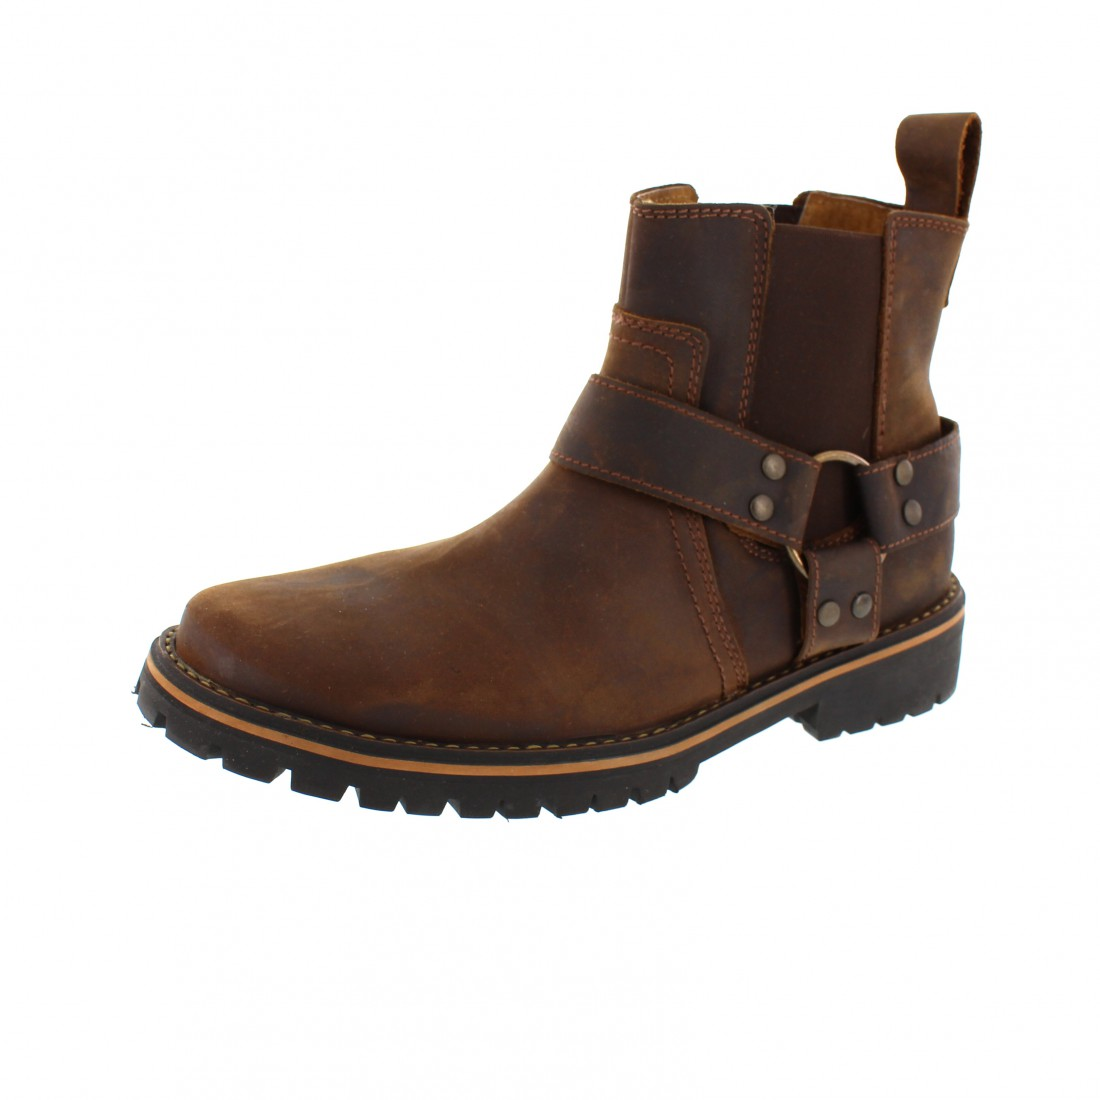 harley davidson men boots duran d93360 brown ebay. Black Bedroom Furniture Sets. Home Design Ideas